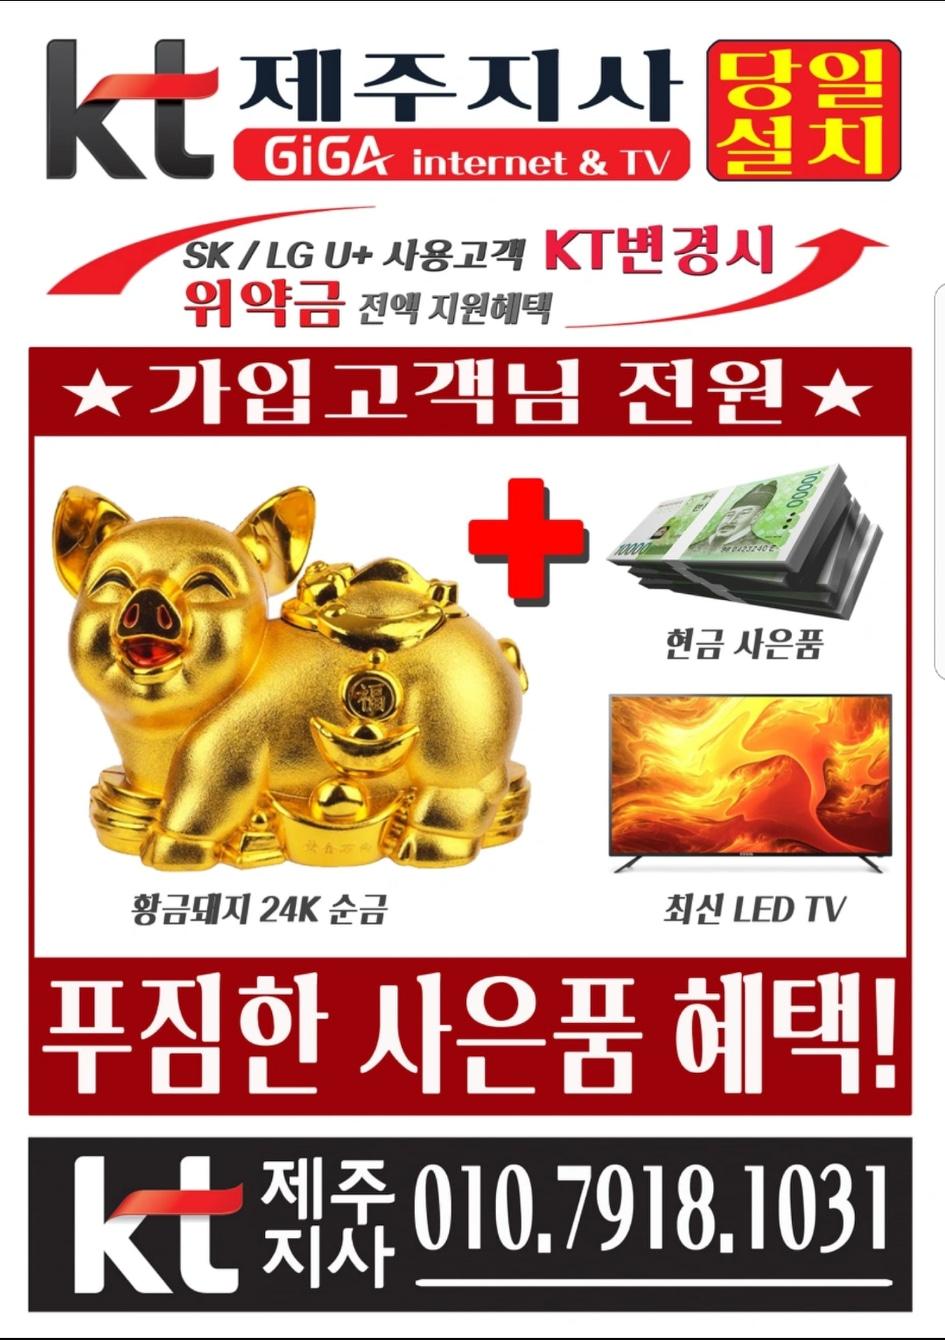 KT TV+인터넷 당일설치 가능!!